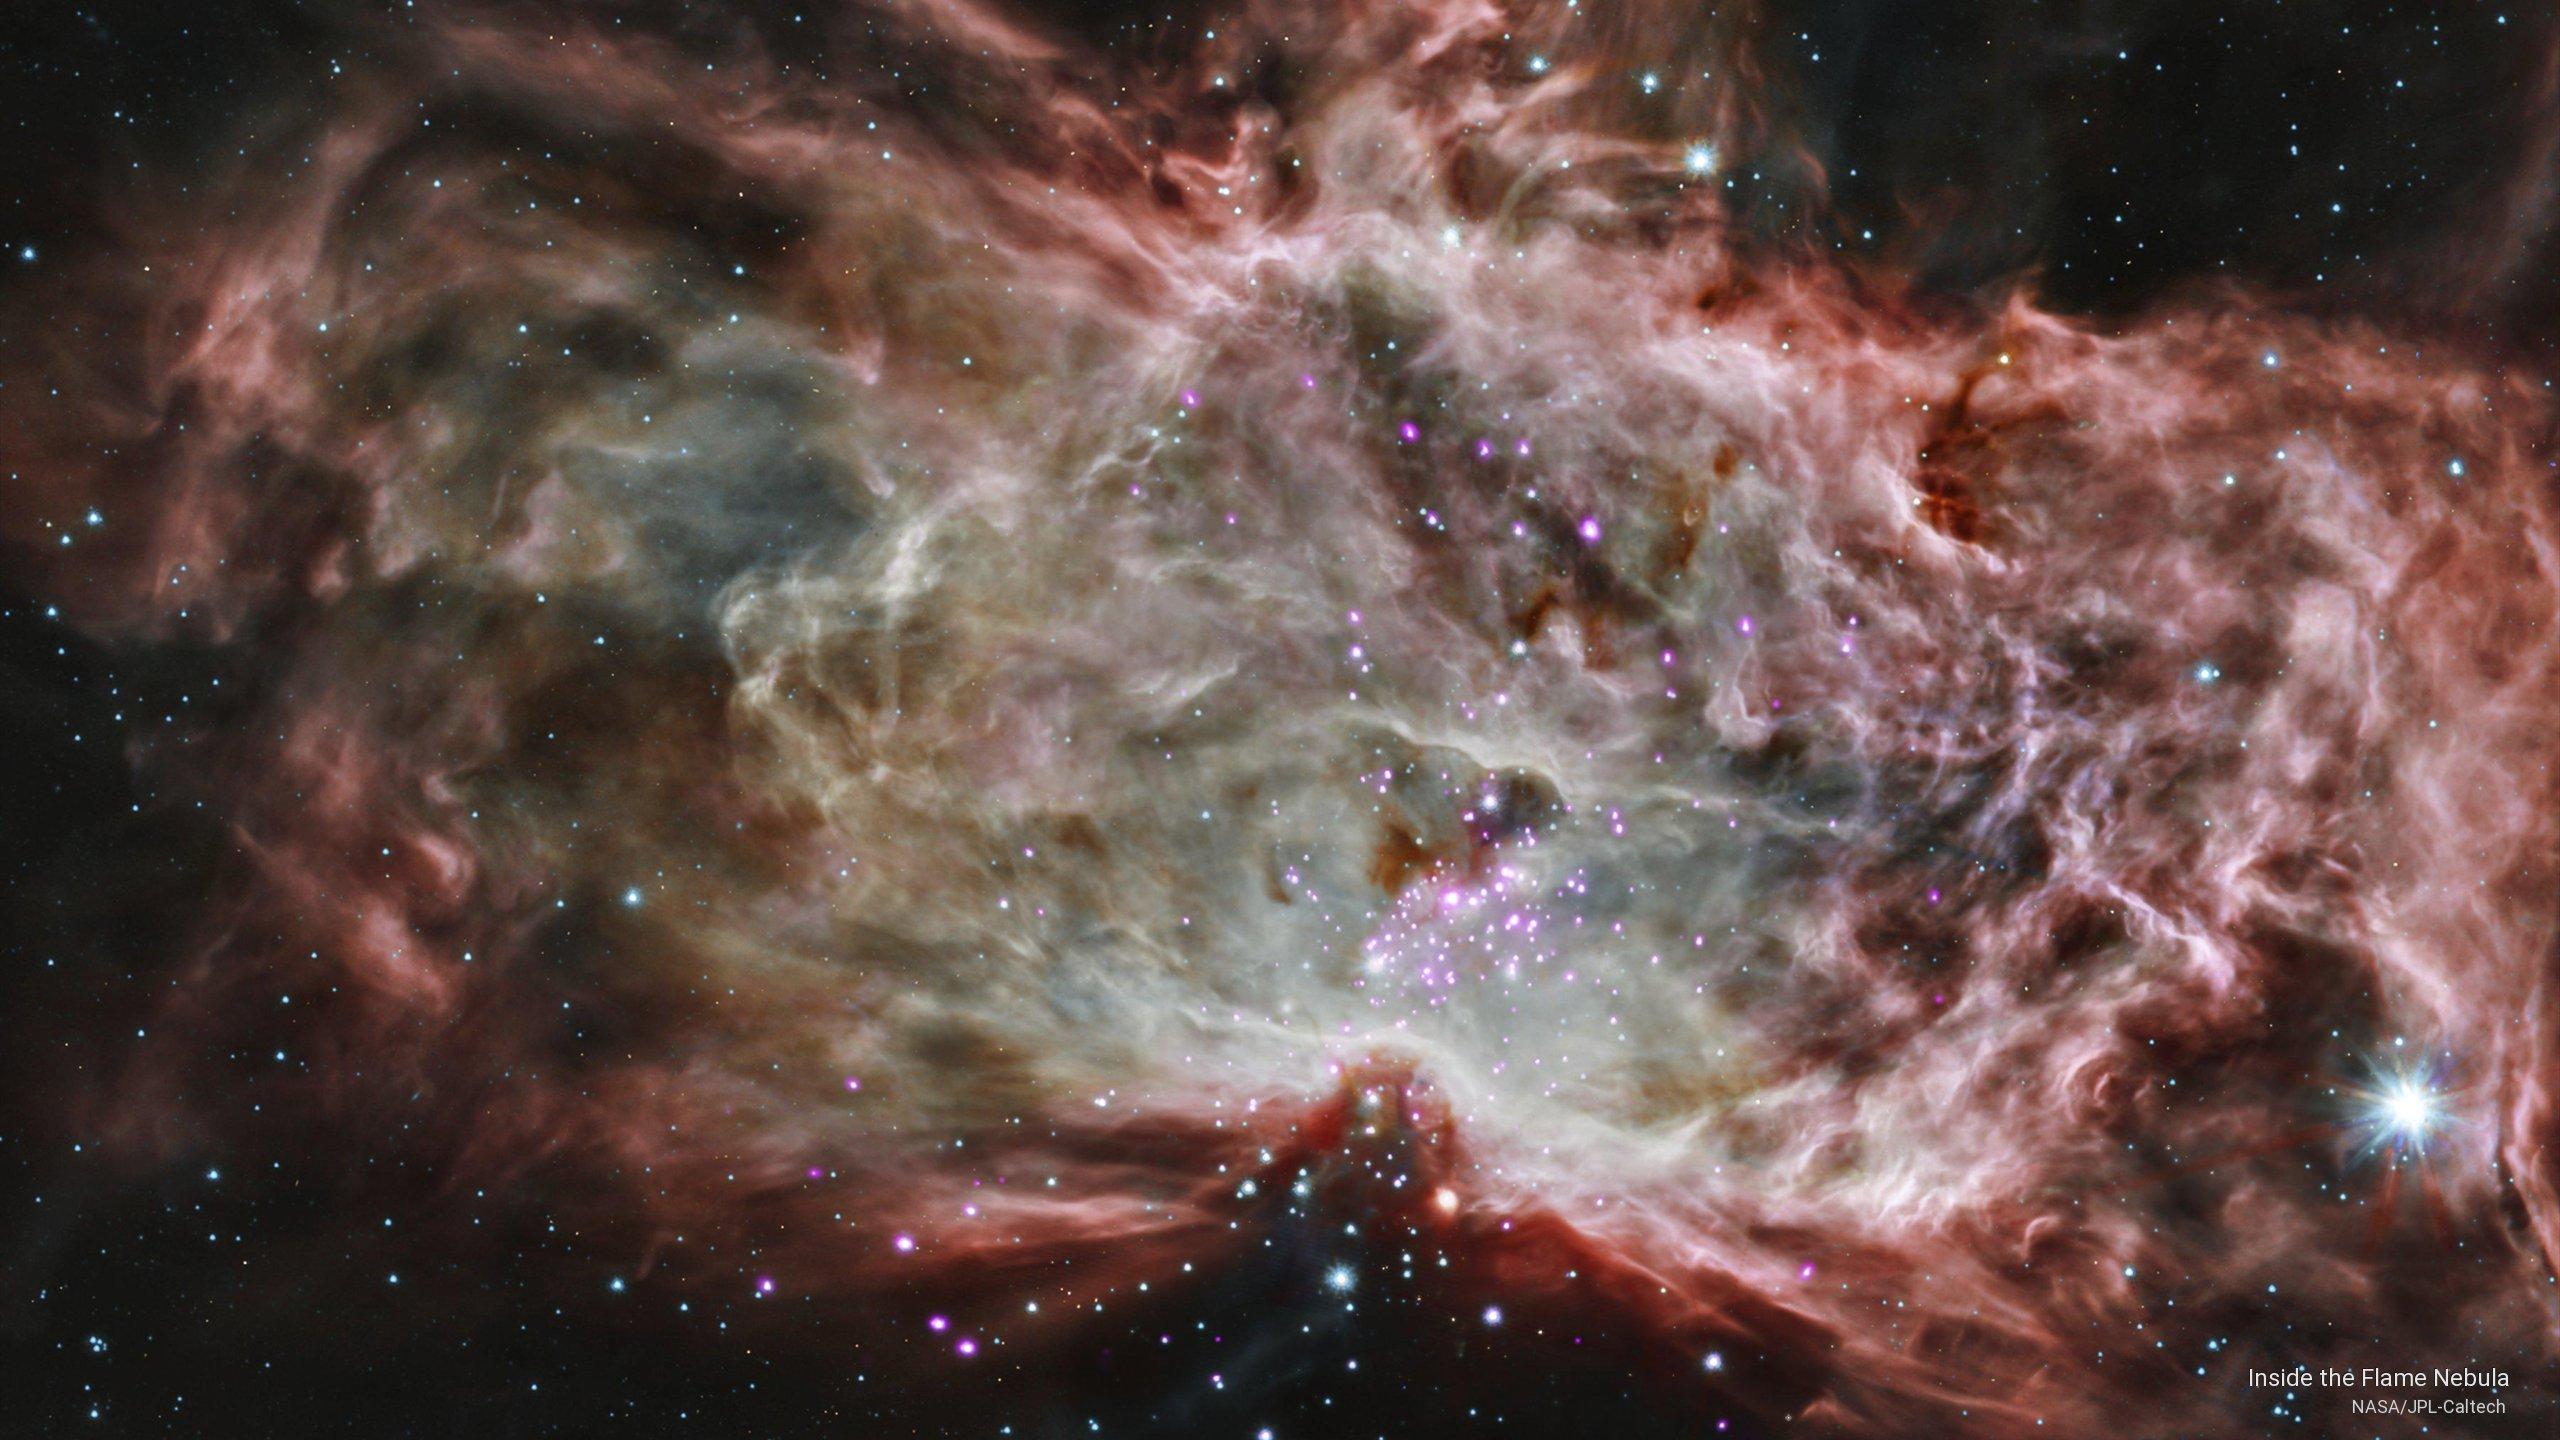 Inside the Flame Nebula